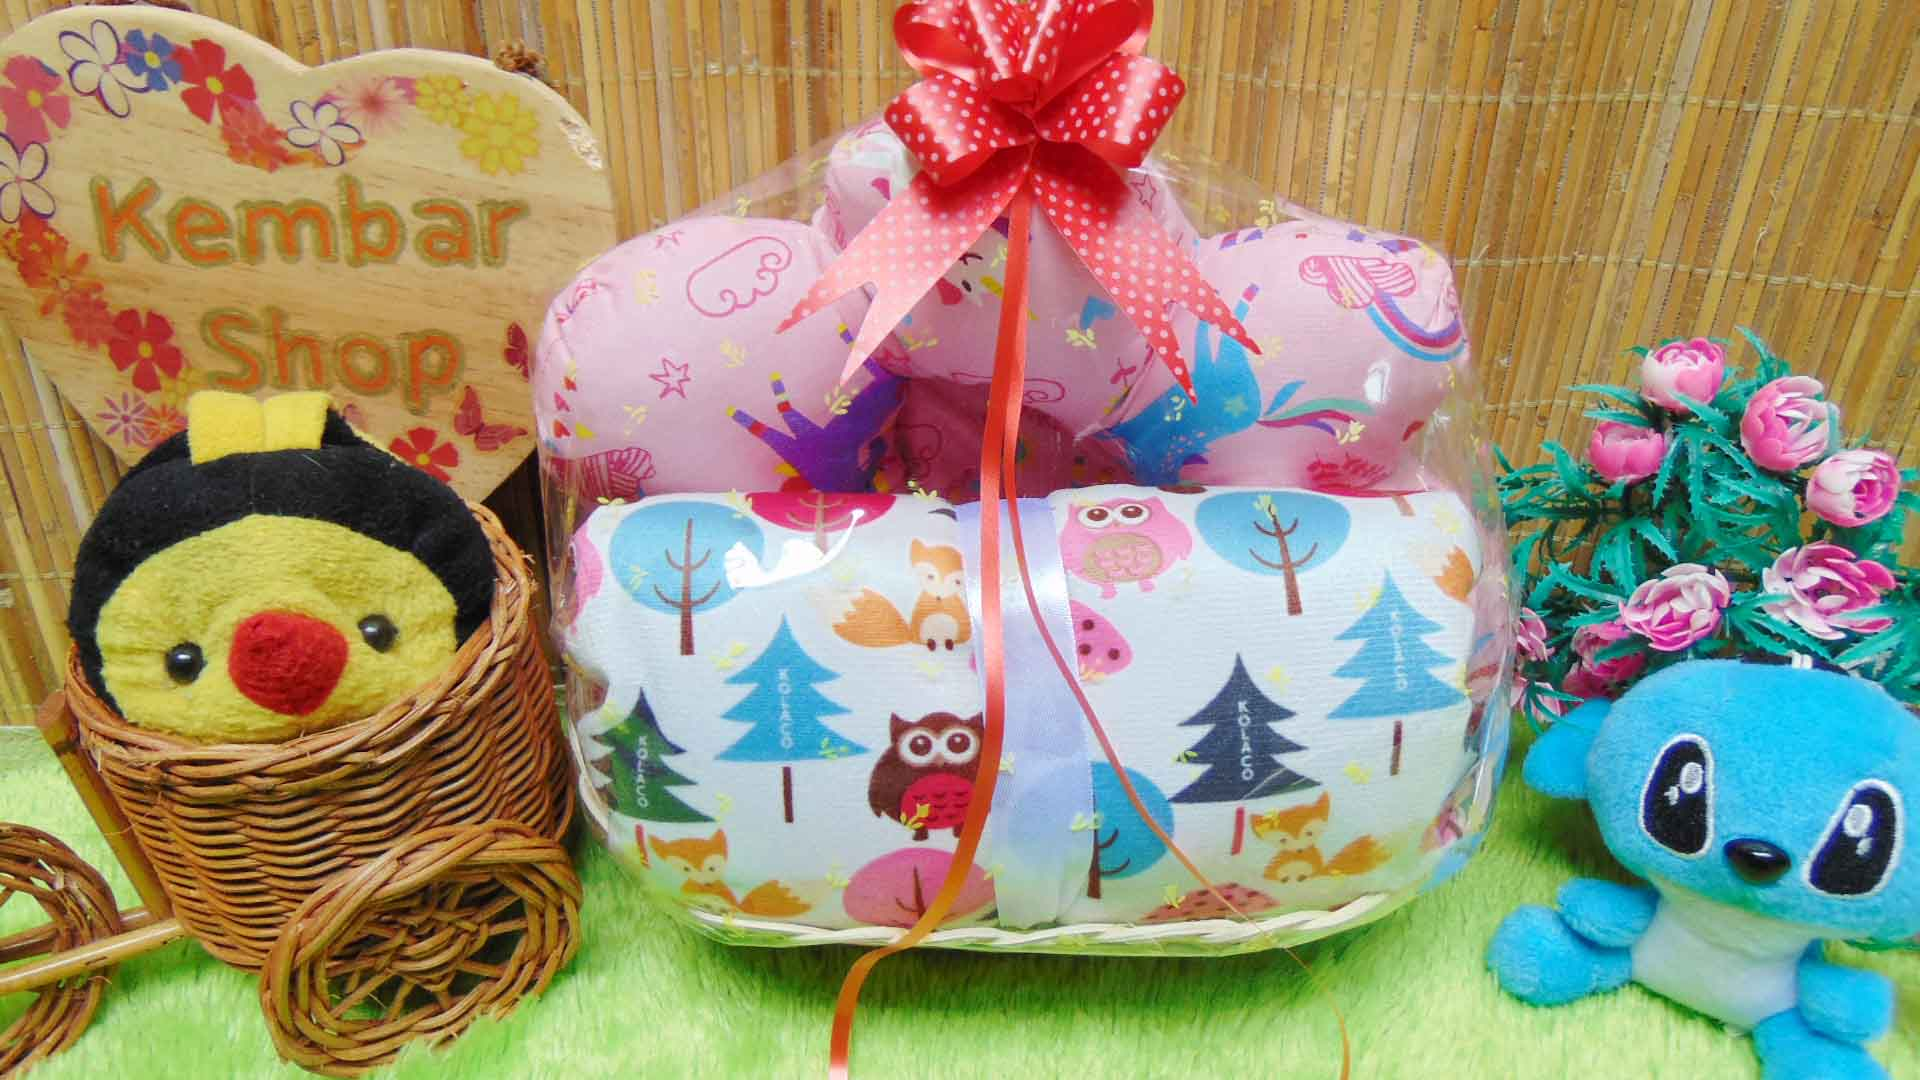 foto utama paket kado bayi baby gift kado melahirkan-parcel kado bayi parsel bayi keranjang spesial bantal selimut ANEKA WARNA